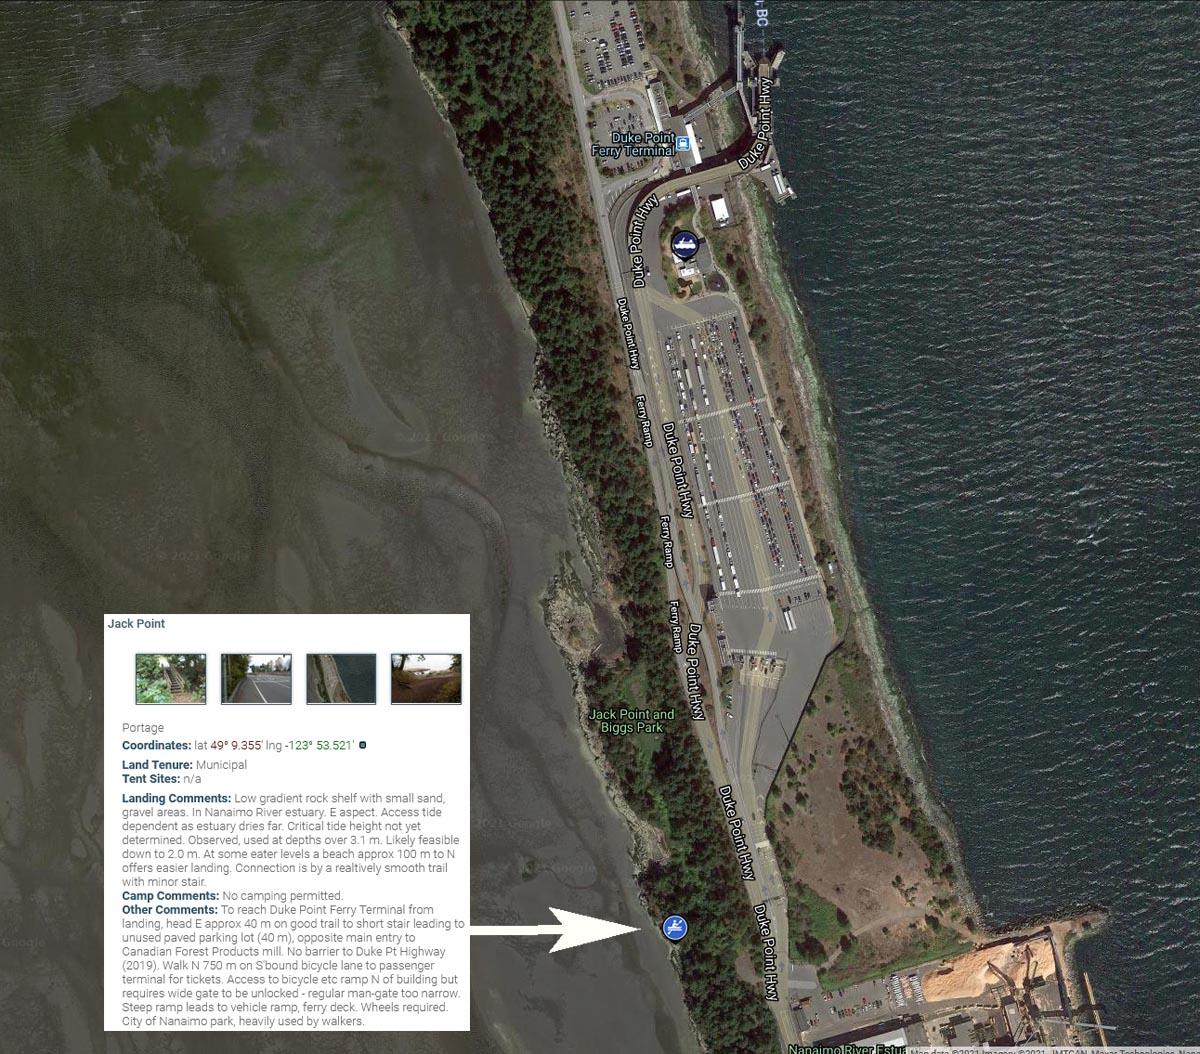 DukePt-access.jpg